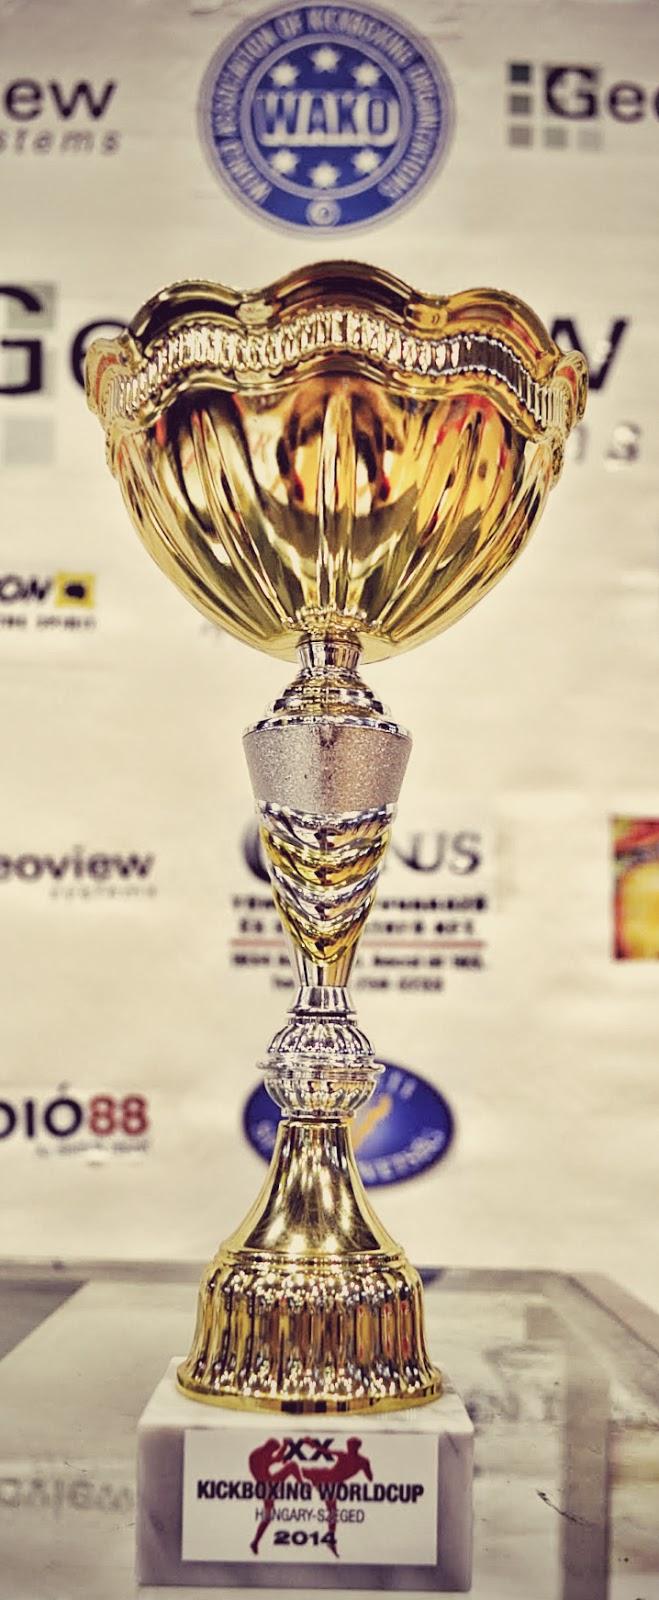 Puchar Świata, kickboxing, Szeged, 2014 r., k-1, kick light, low kick, Zielona Góra, SKF Boksing Zielona Góra